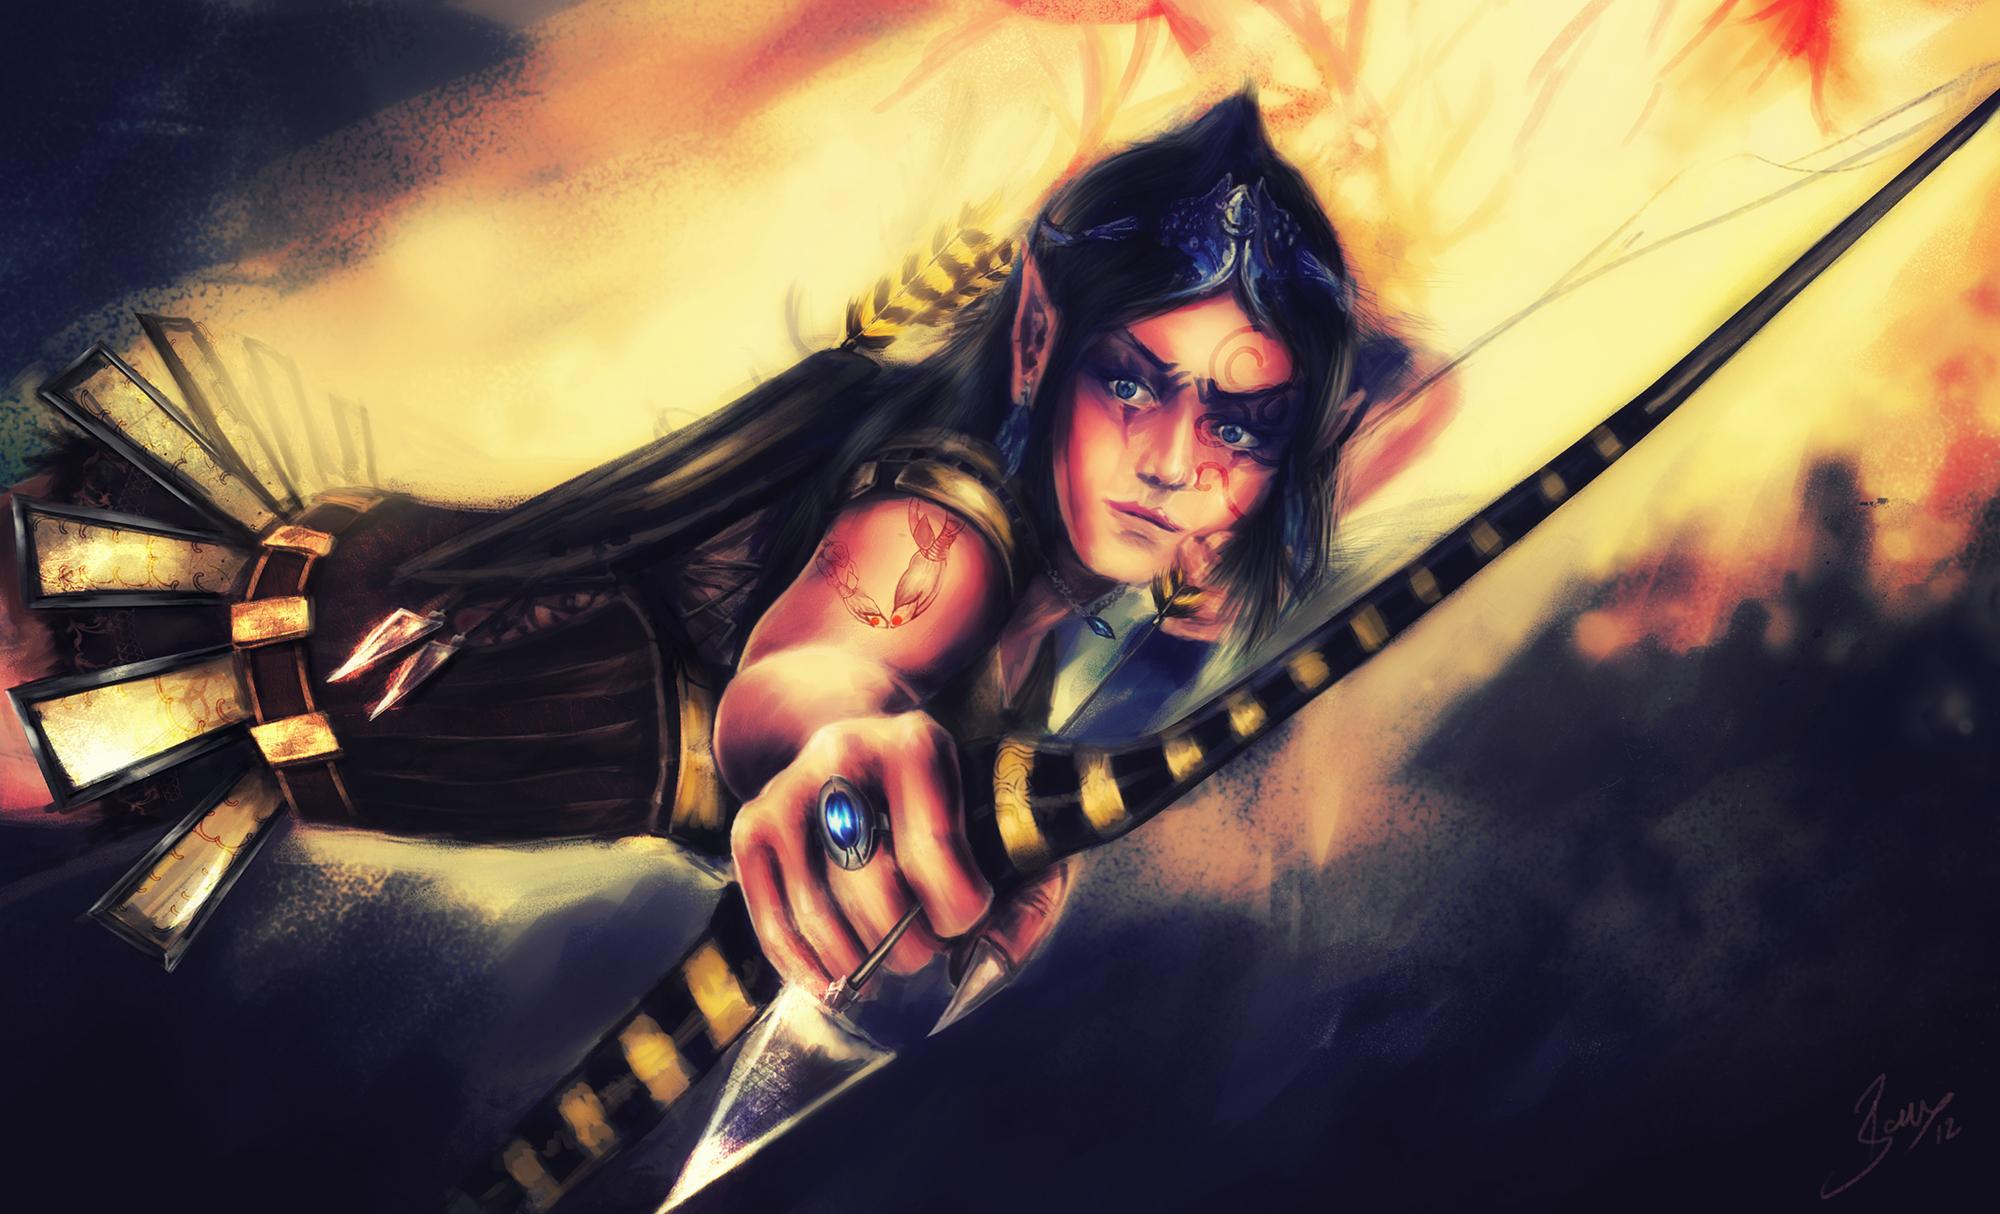 elves warrior archer painting art fantasy girl wallpaper